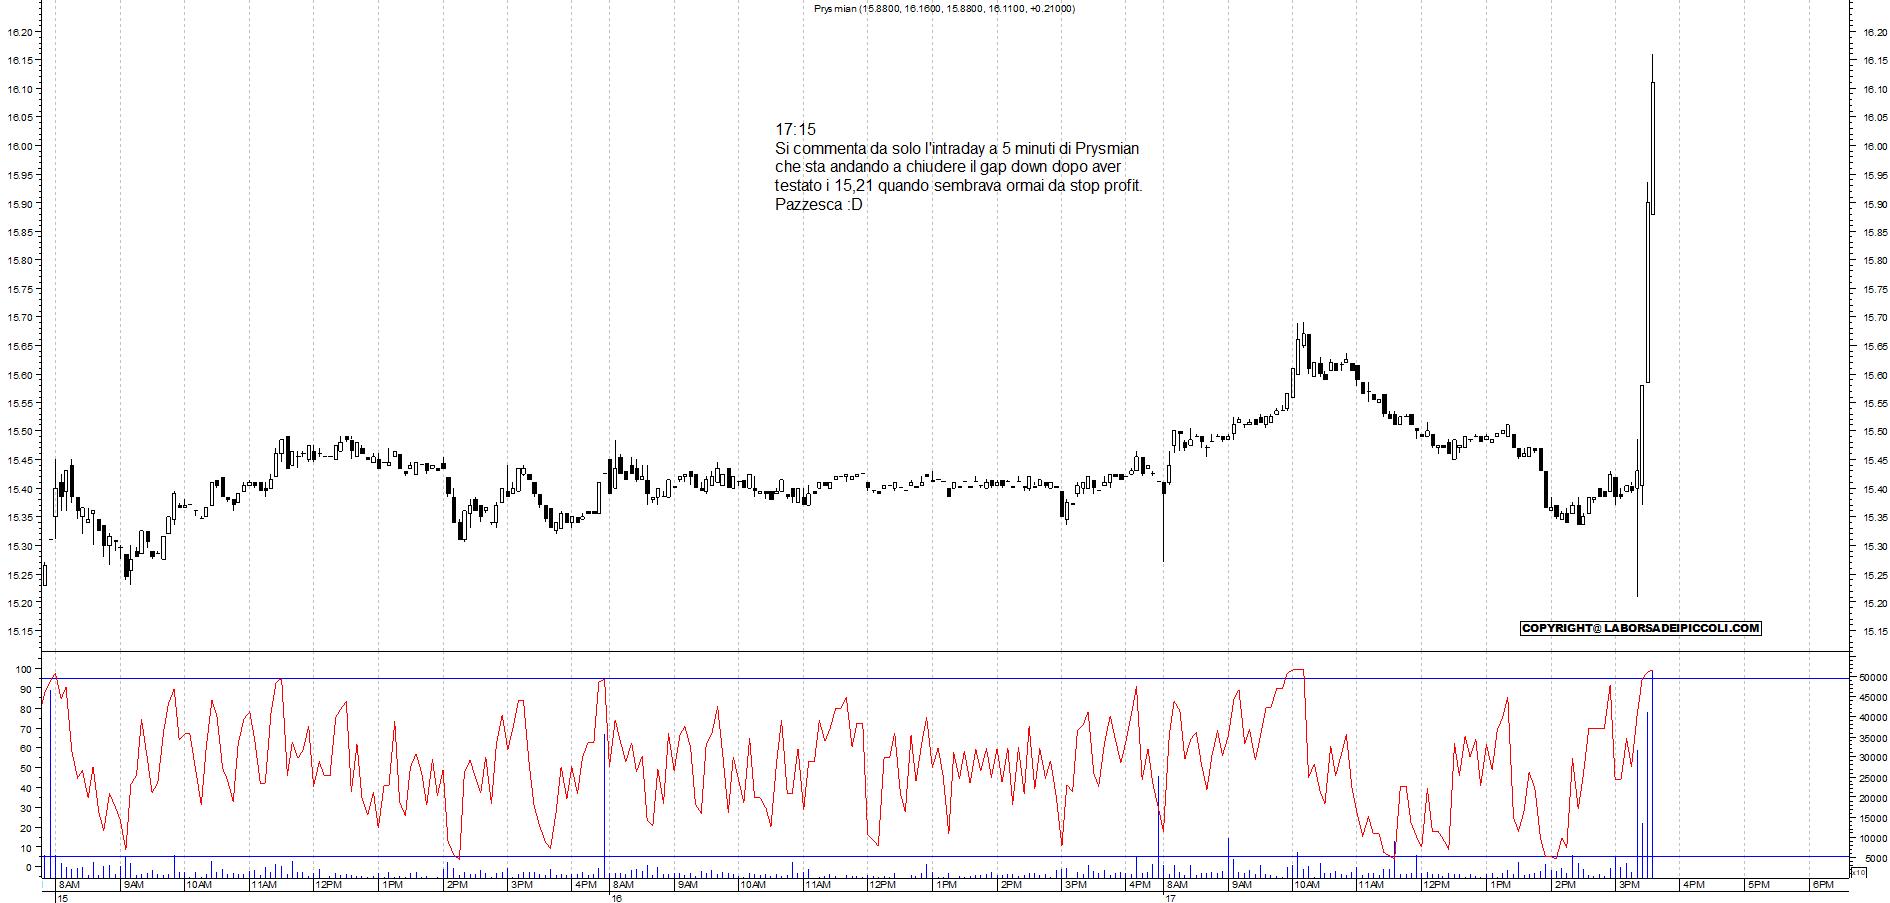 e7397cbdf5 Grafico e analisi tecnica Prysmian con strategia di trading per il Aprile  17, 2019